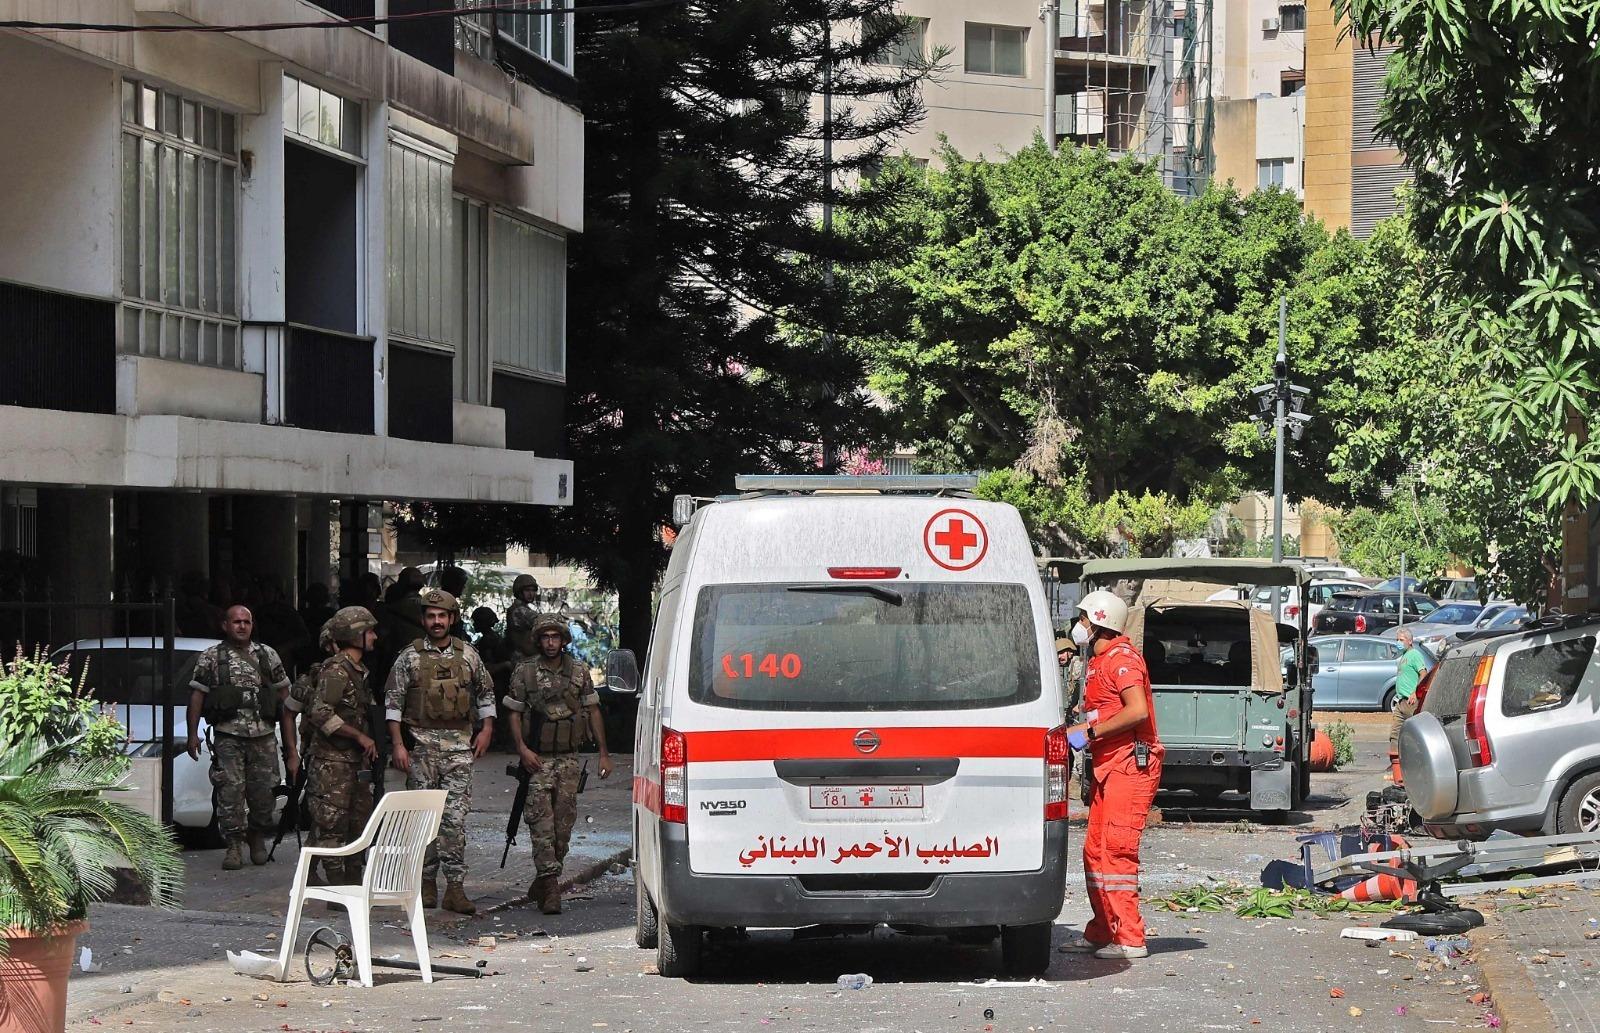 لبنان: قتلى وإصابات في اشتباكات اندلعت بعد رفض تنحية محقق مرفأ بيروت